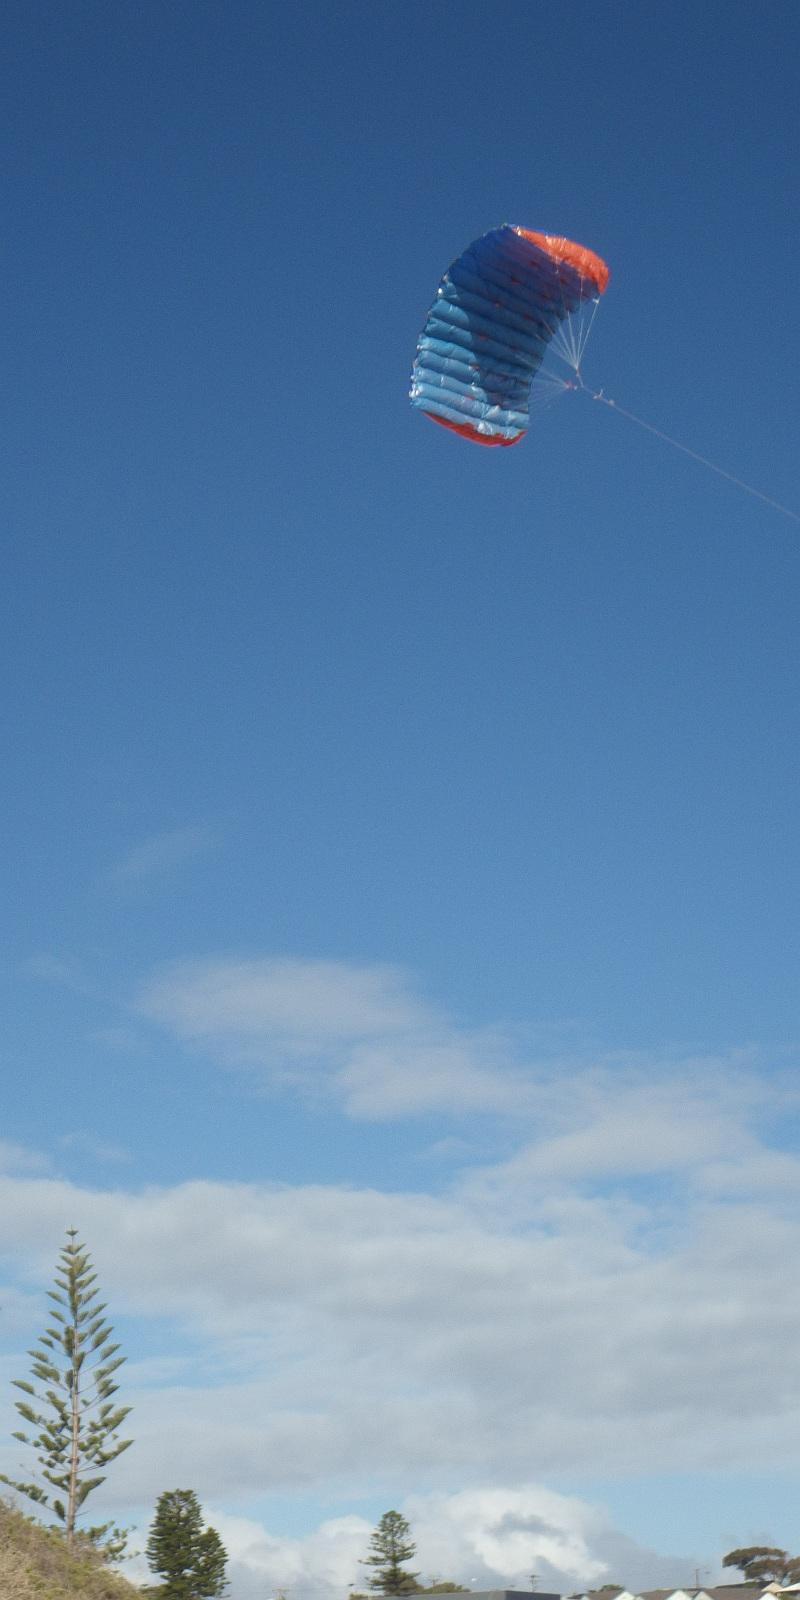 MBK Parachute kite 1 - 2.